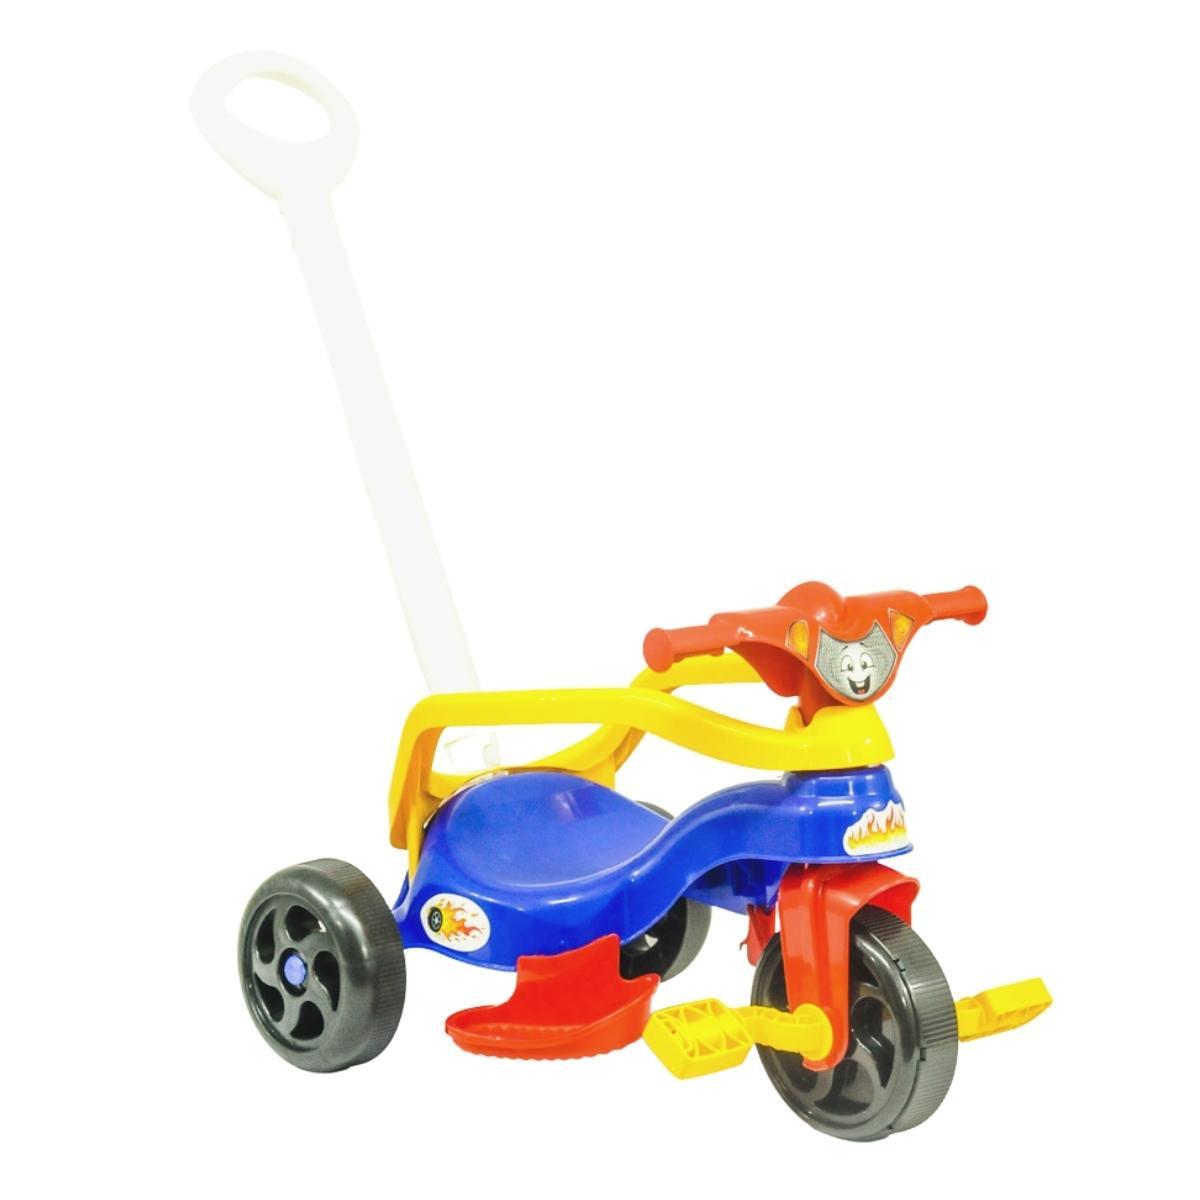 Triciclo Velotrol Infantil Completo Haste Empurrar